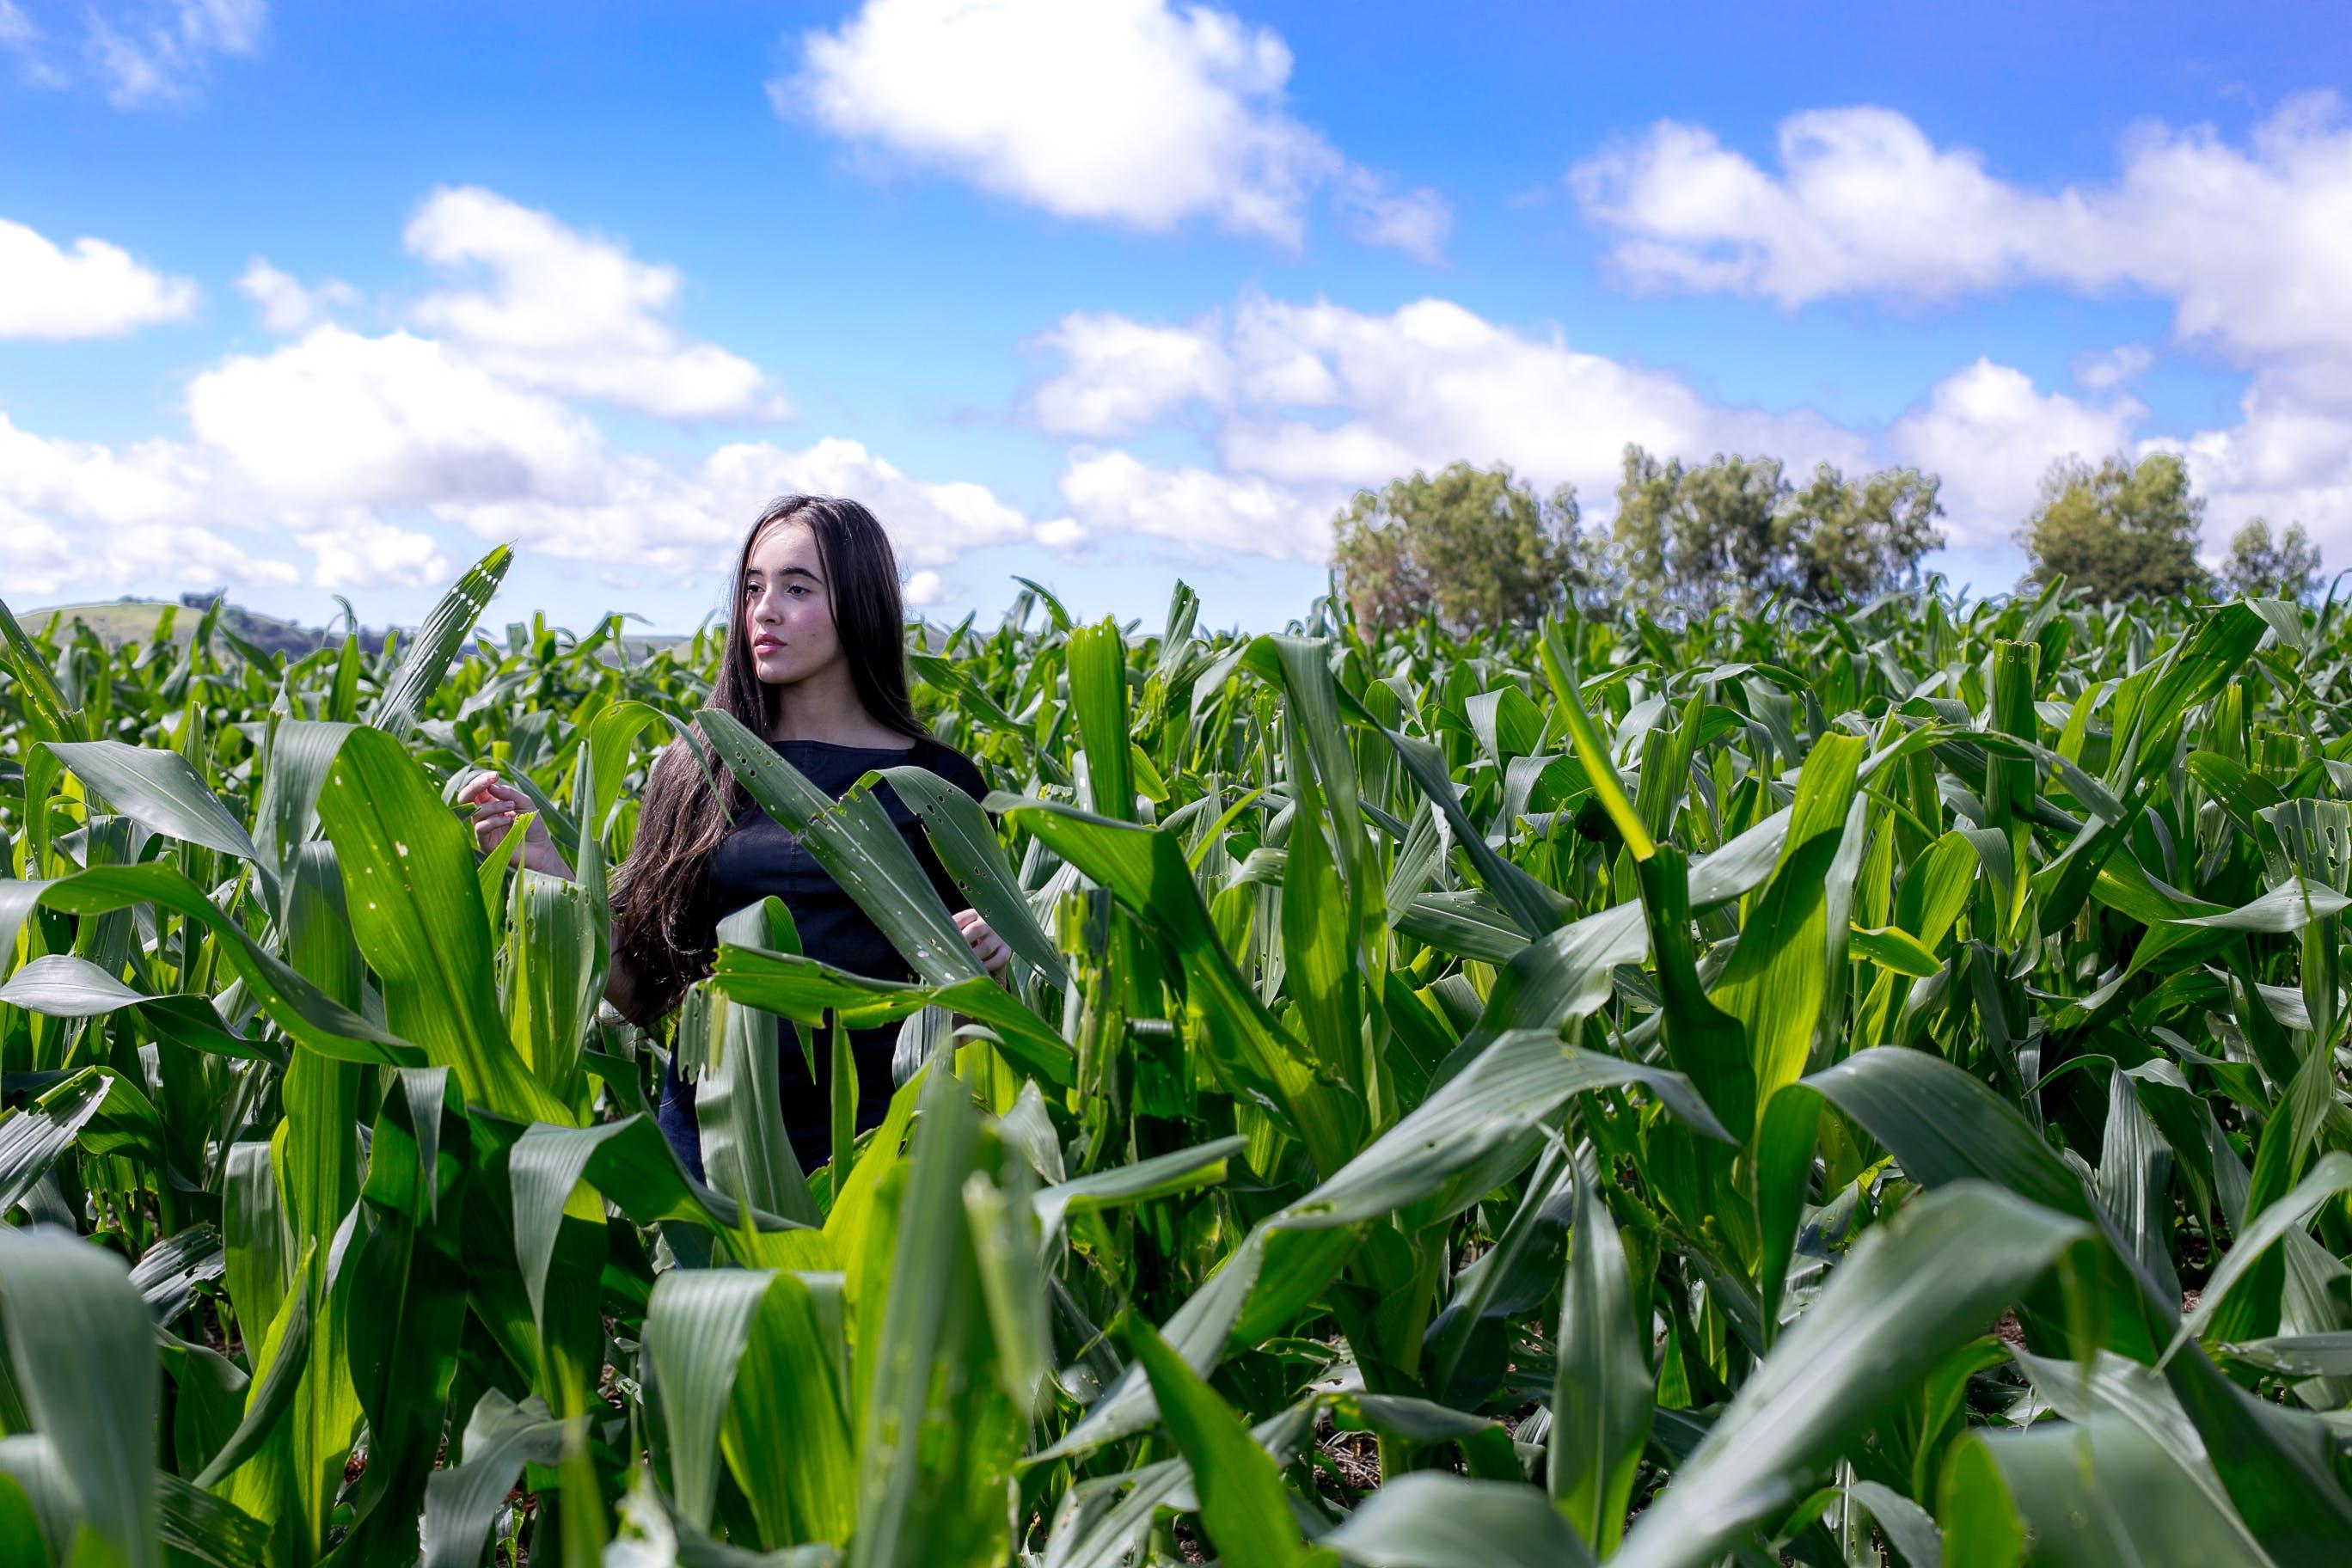 Woman Walking on Corn Field